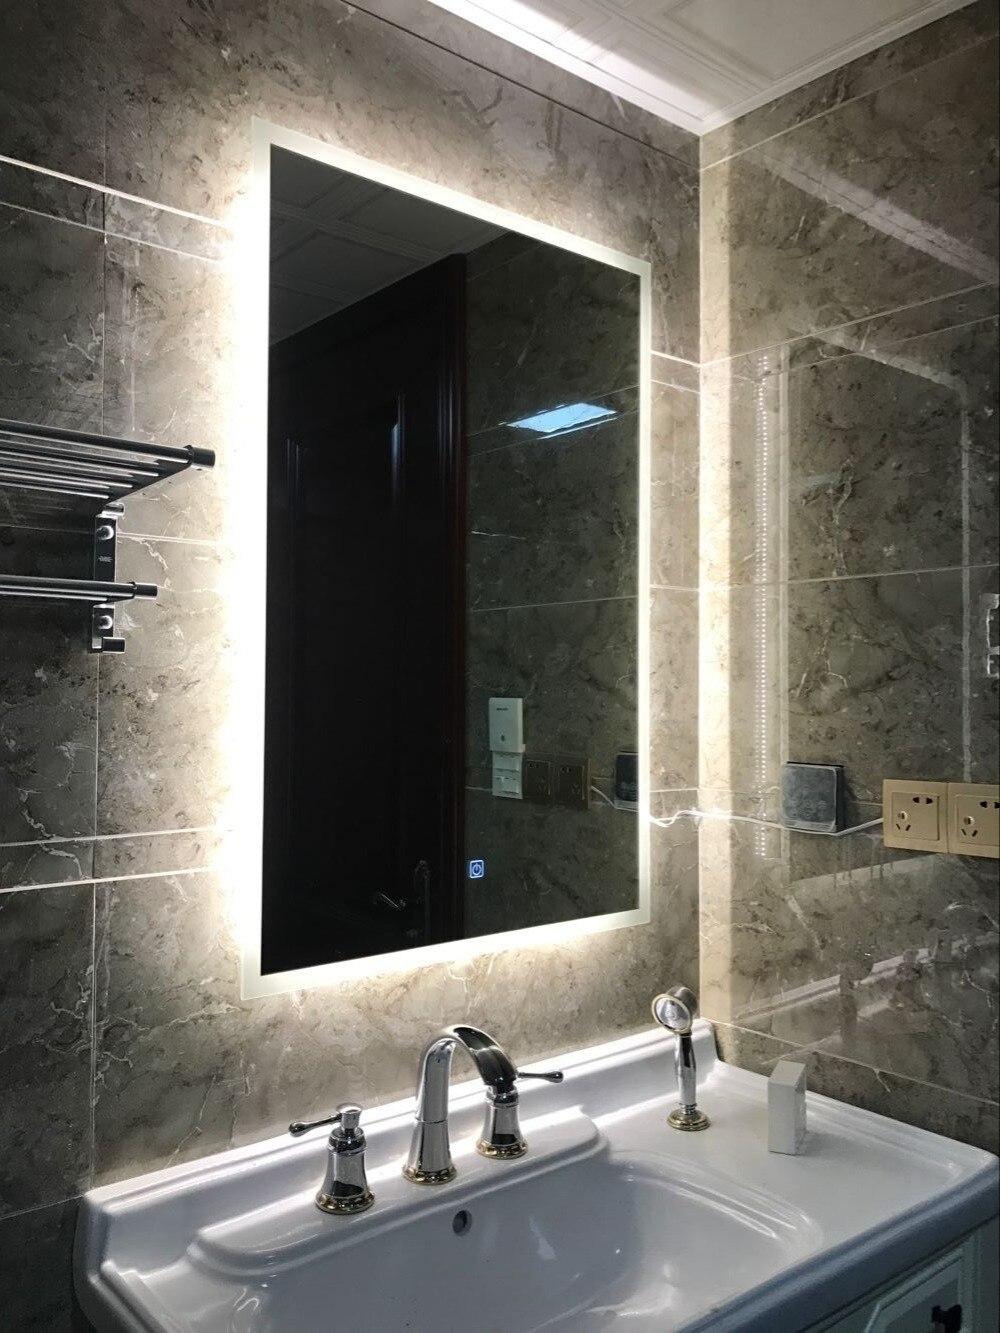 Immagini Specchi Da Bagno.Us 200 0 Box Diffusori Retroilluminato A Led Bagno Specchio Cosmetico Piazza Montaggio A Parete Bagno Tocco Delle Dita Luce Specchio Da Bagno